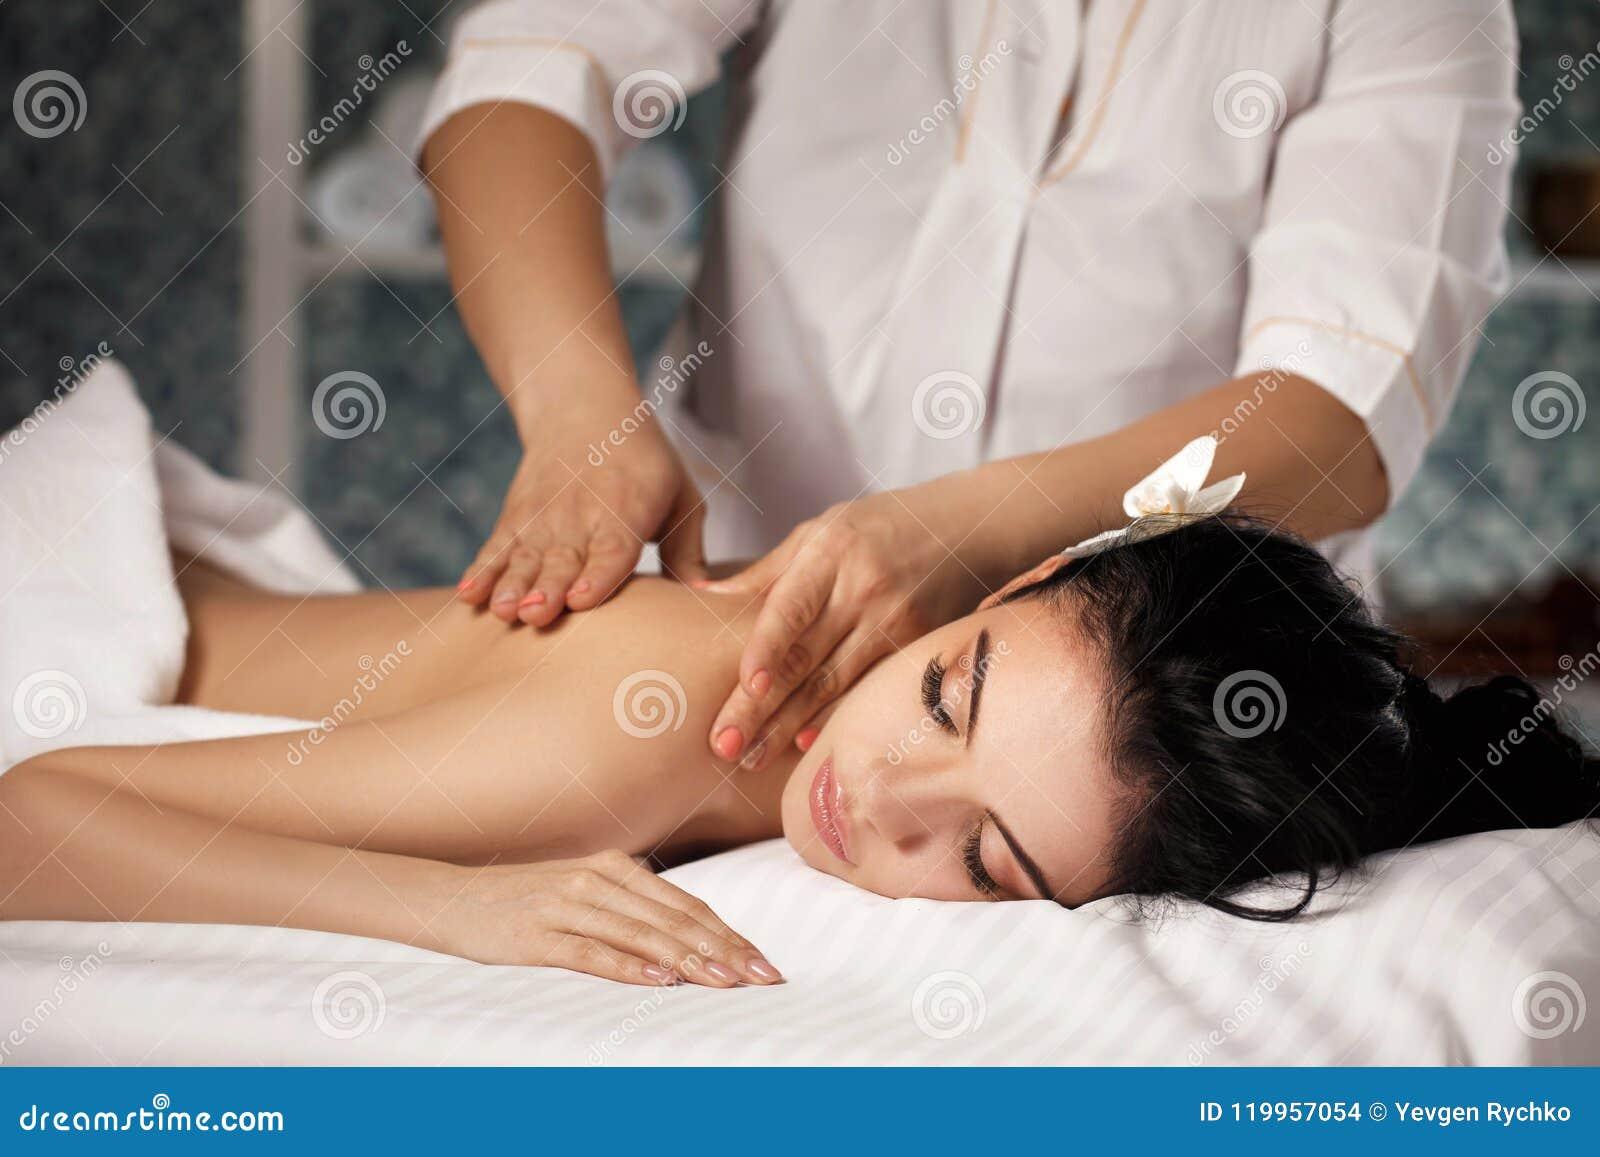 Девушка получает массаж эротический массаж для пары волгоград